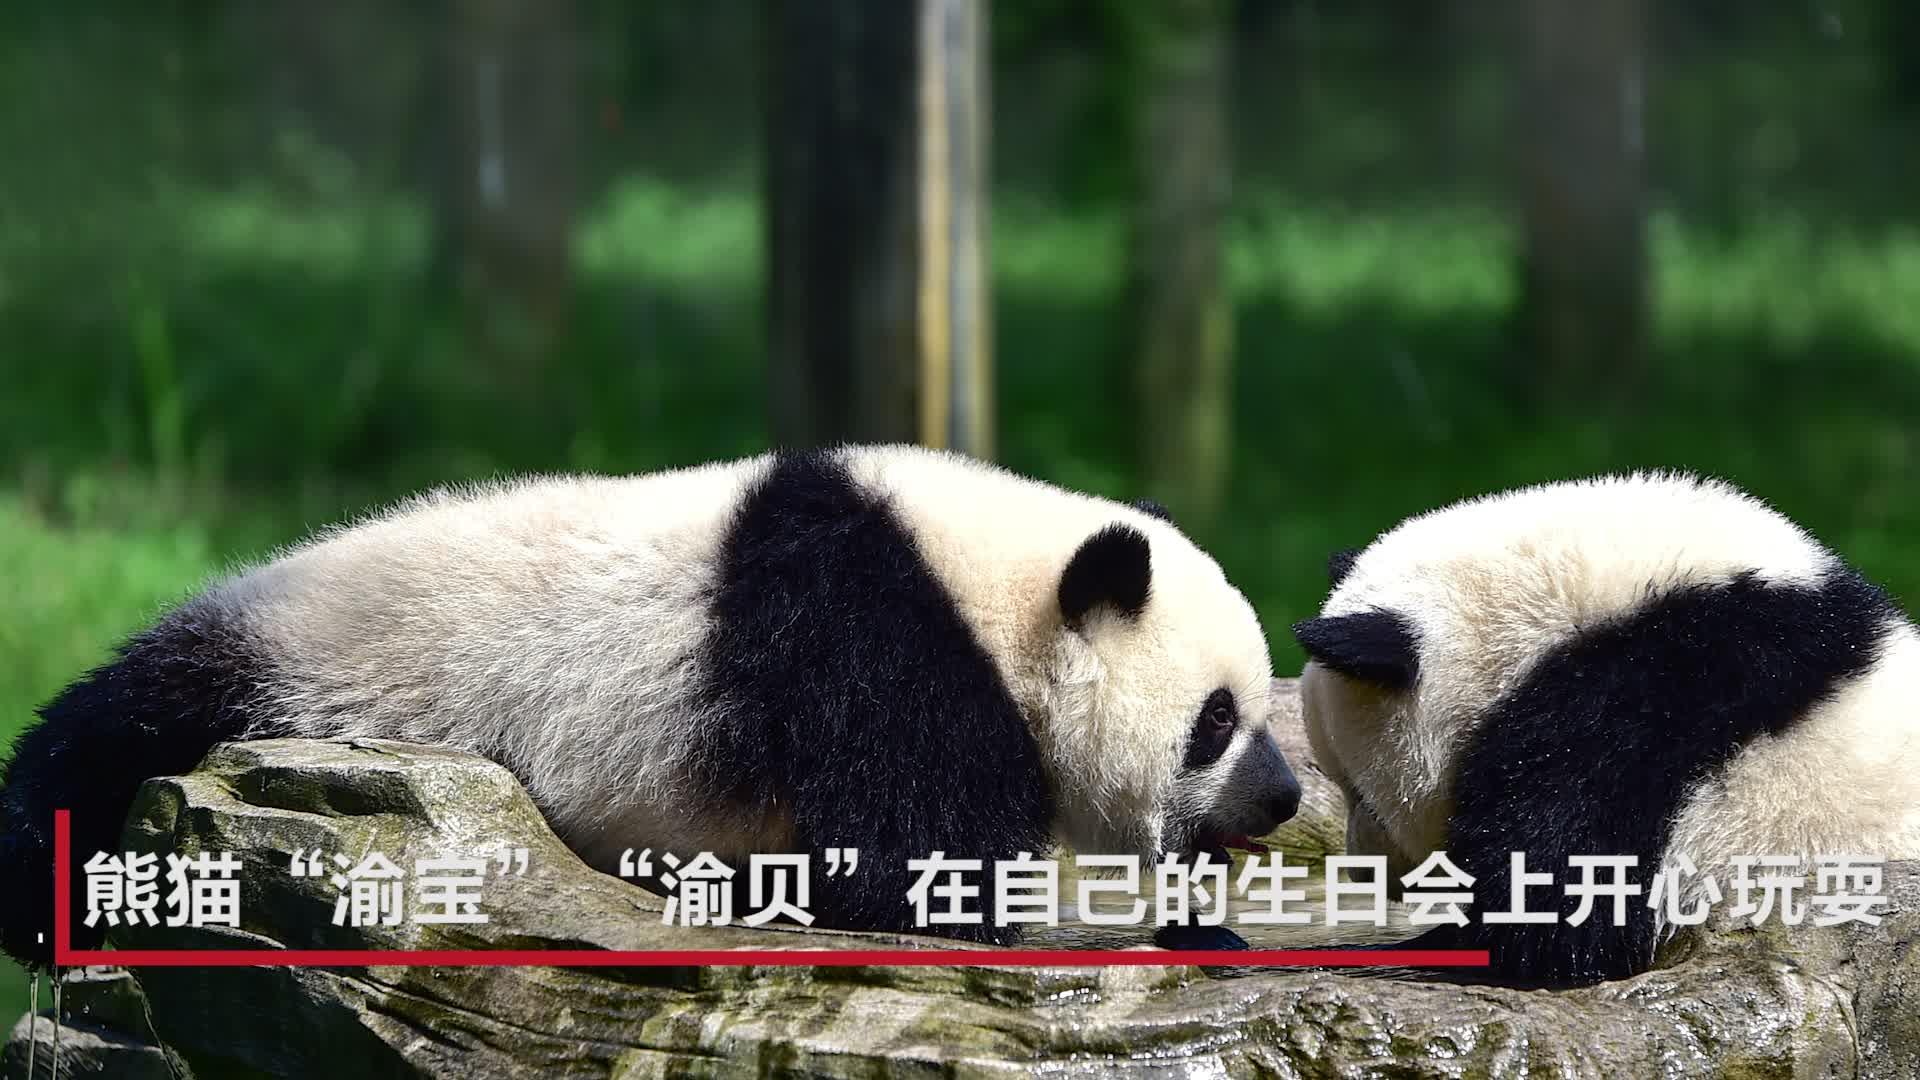 重庆动物园熊猫兄妹生日派对 萌化全场